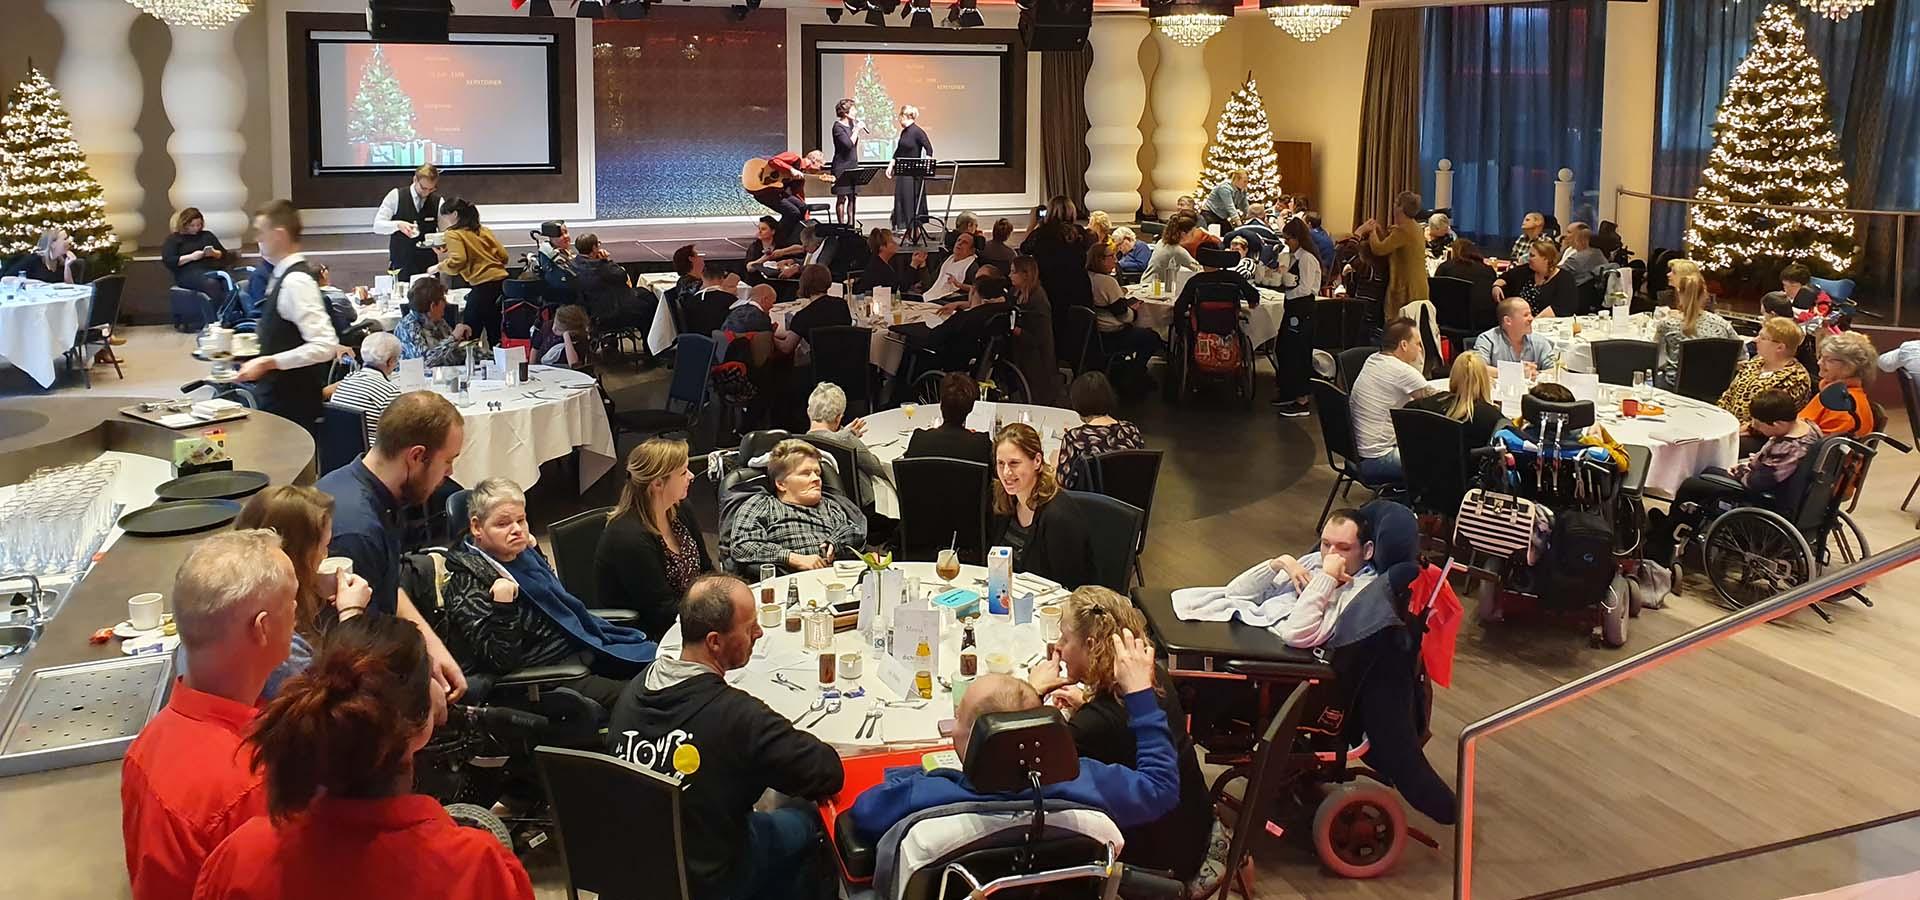 Een bijzonder Kerstdiner, een diner voor mensen met een beperking | René Janssen